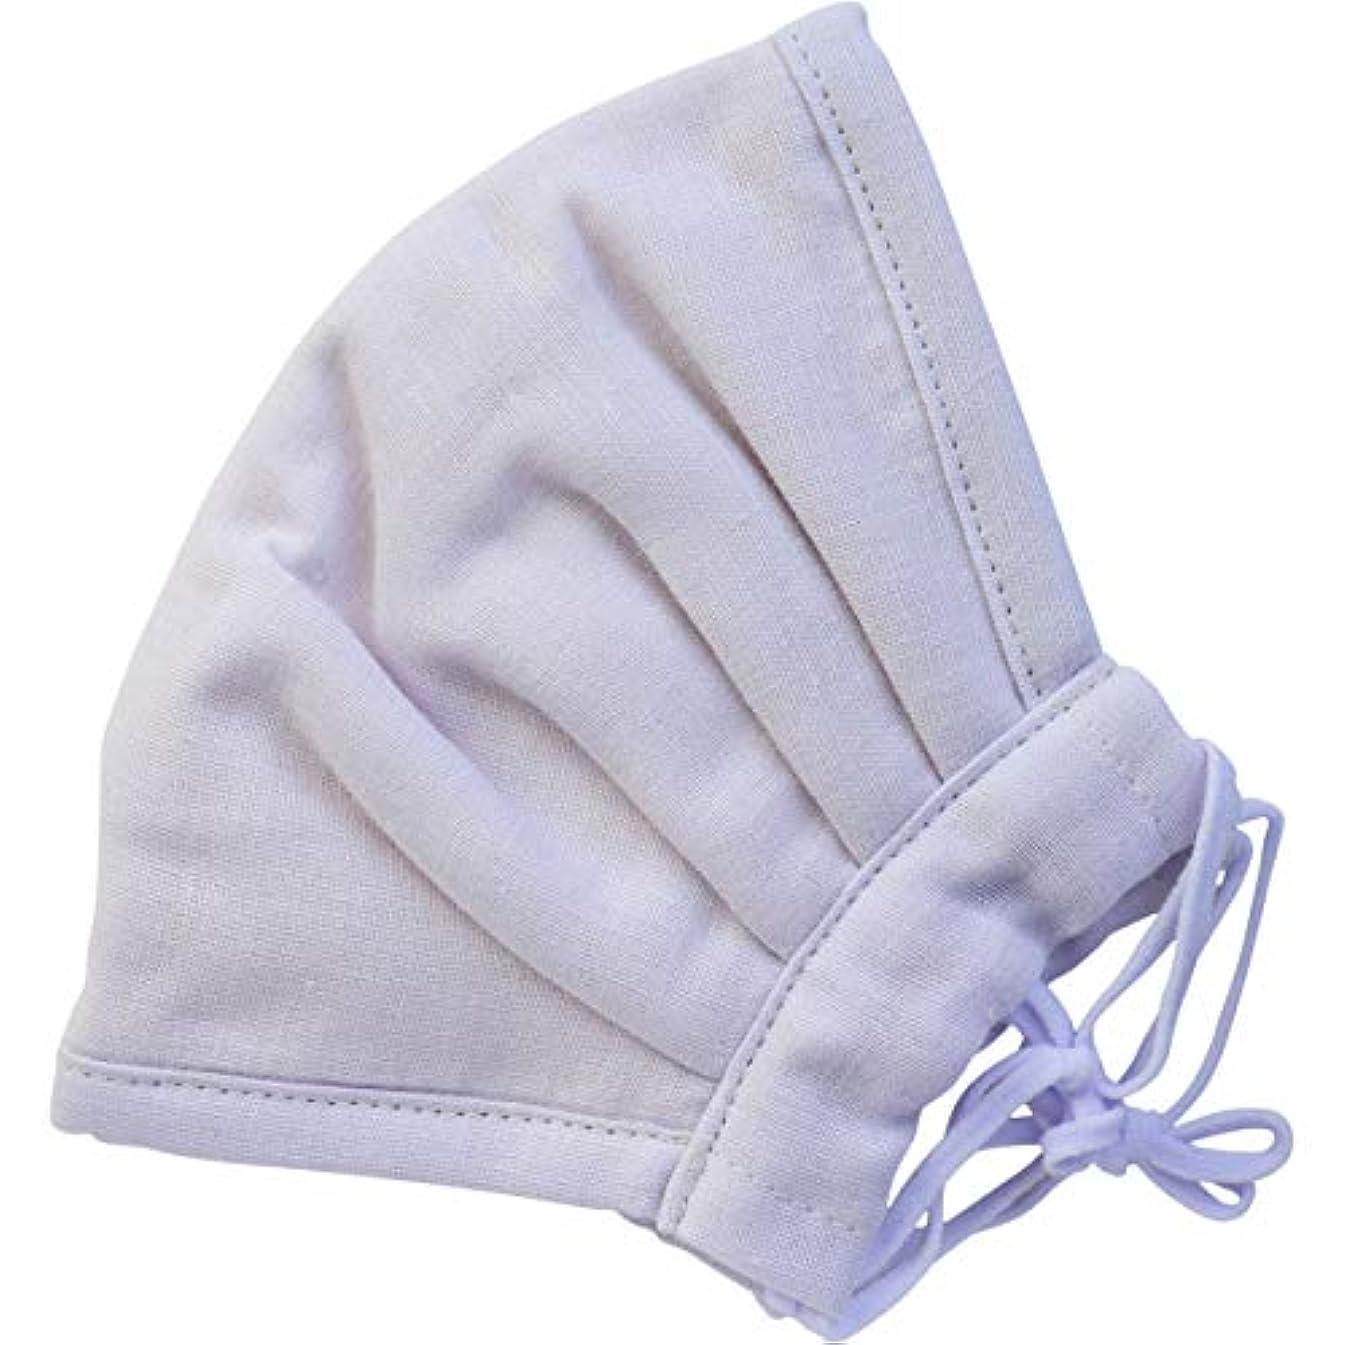 スイス人常習者誕生日ふわふわマスク 今治産タオル 超敏感肌用 パープル ゆったり大きめサイズ 1枚入×10個セット